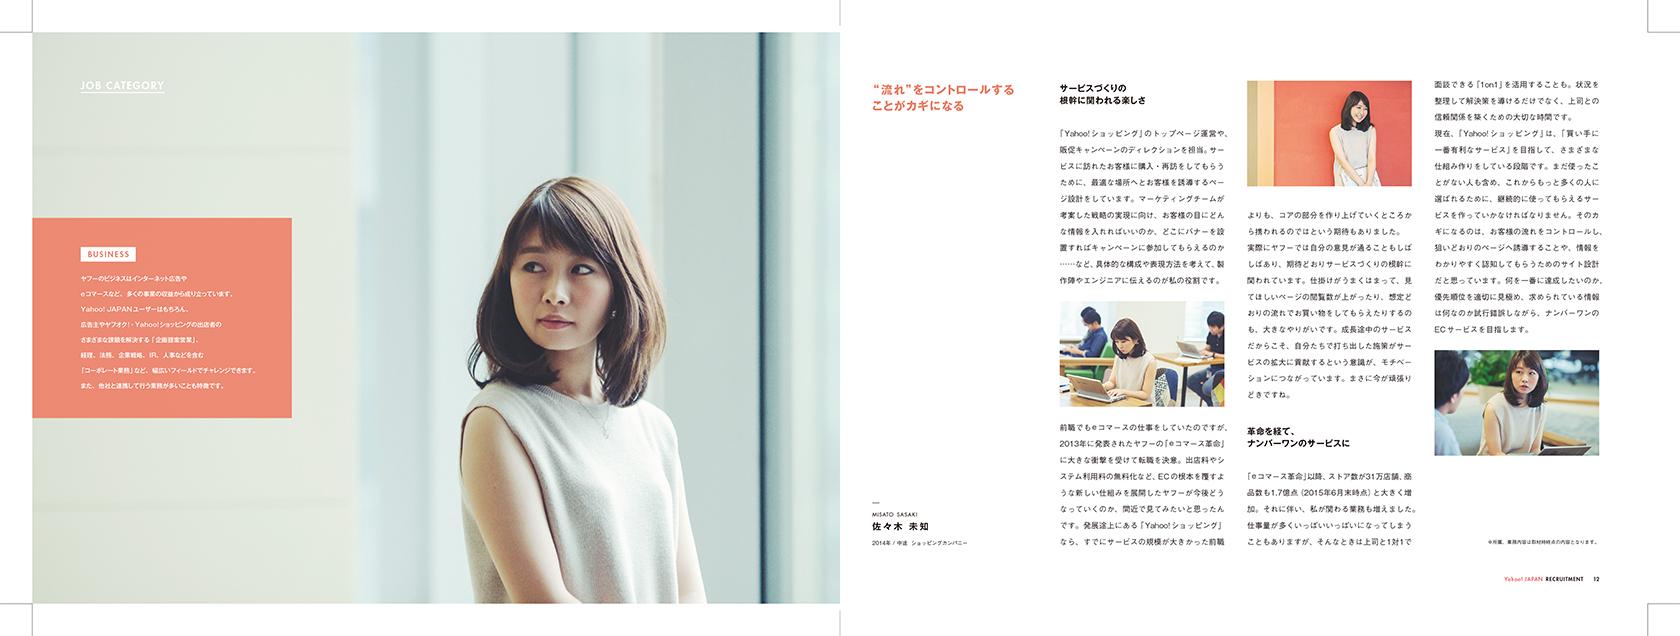 brochure_0000_yahoo_brochure_final-7